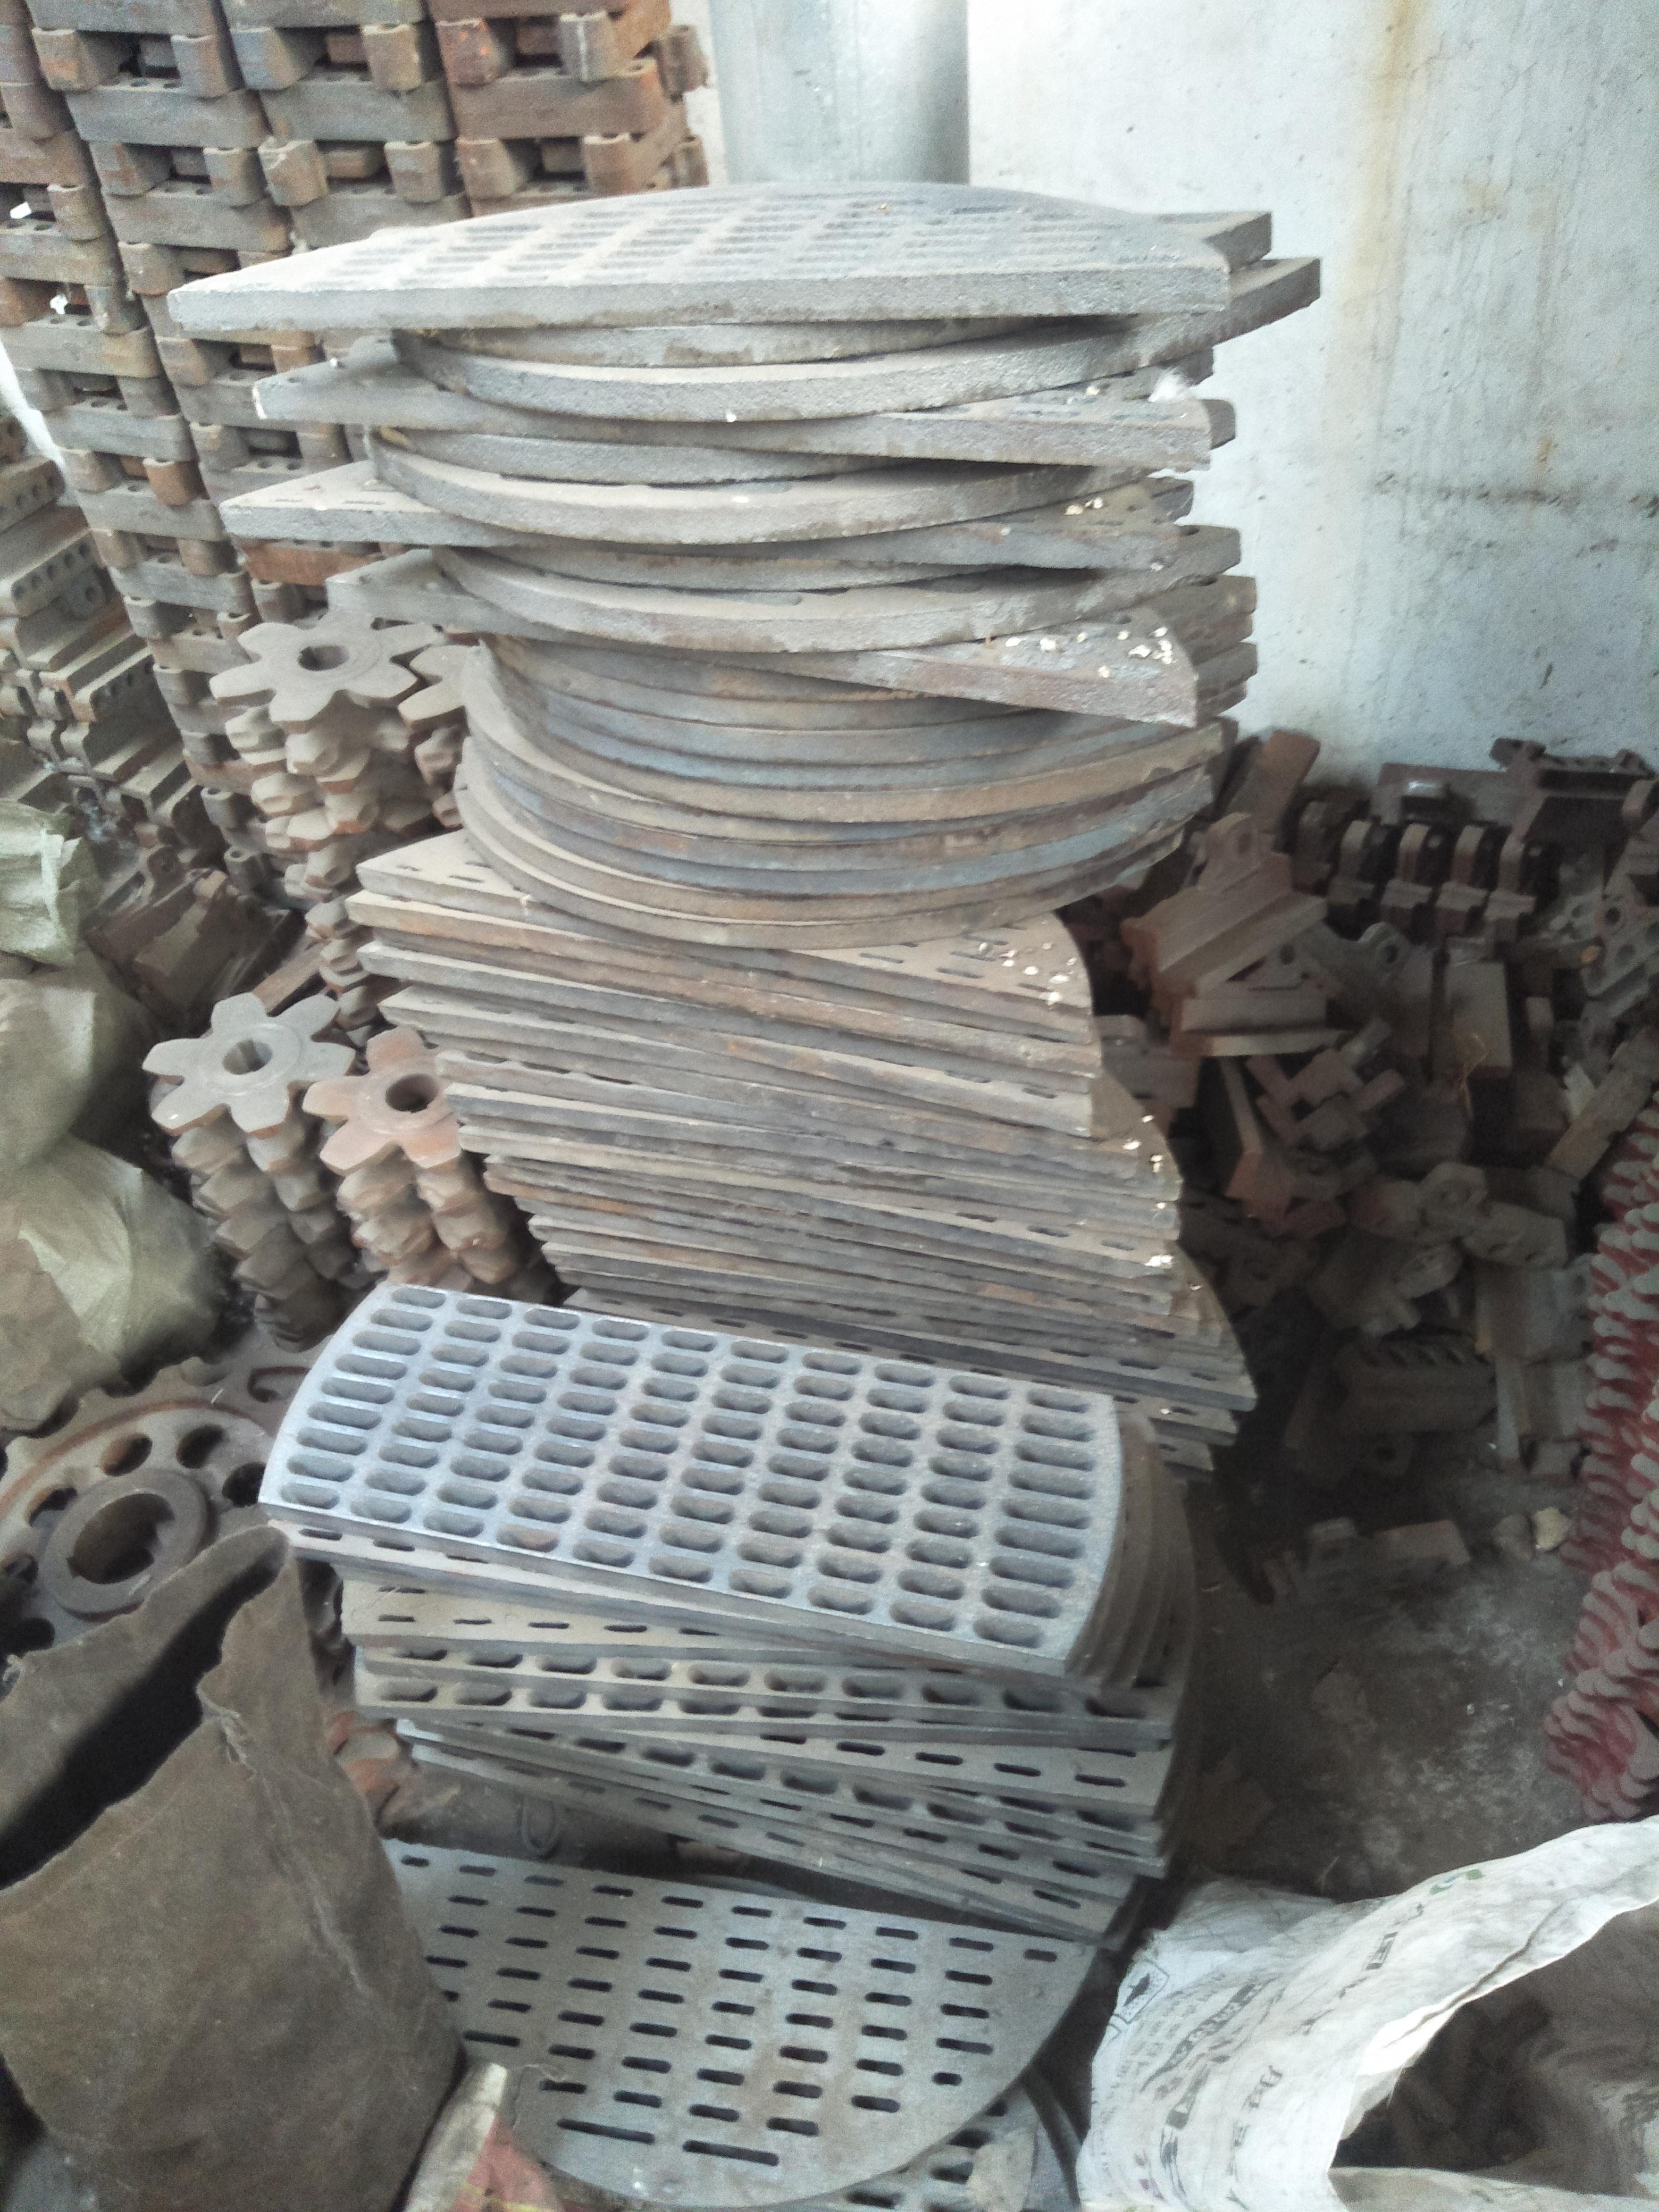 山东聊城厂家生产锅炉配件 聊城批发篦子炉排,聊城锅炉炉箅子生产厂家价格